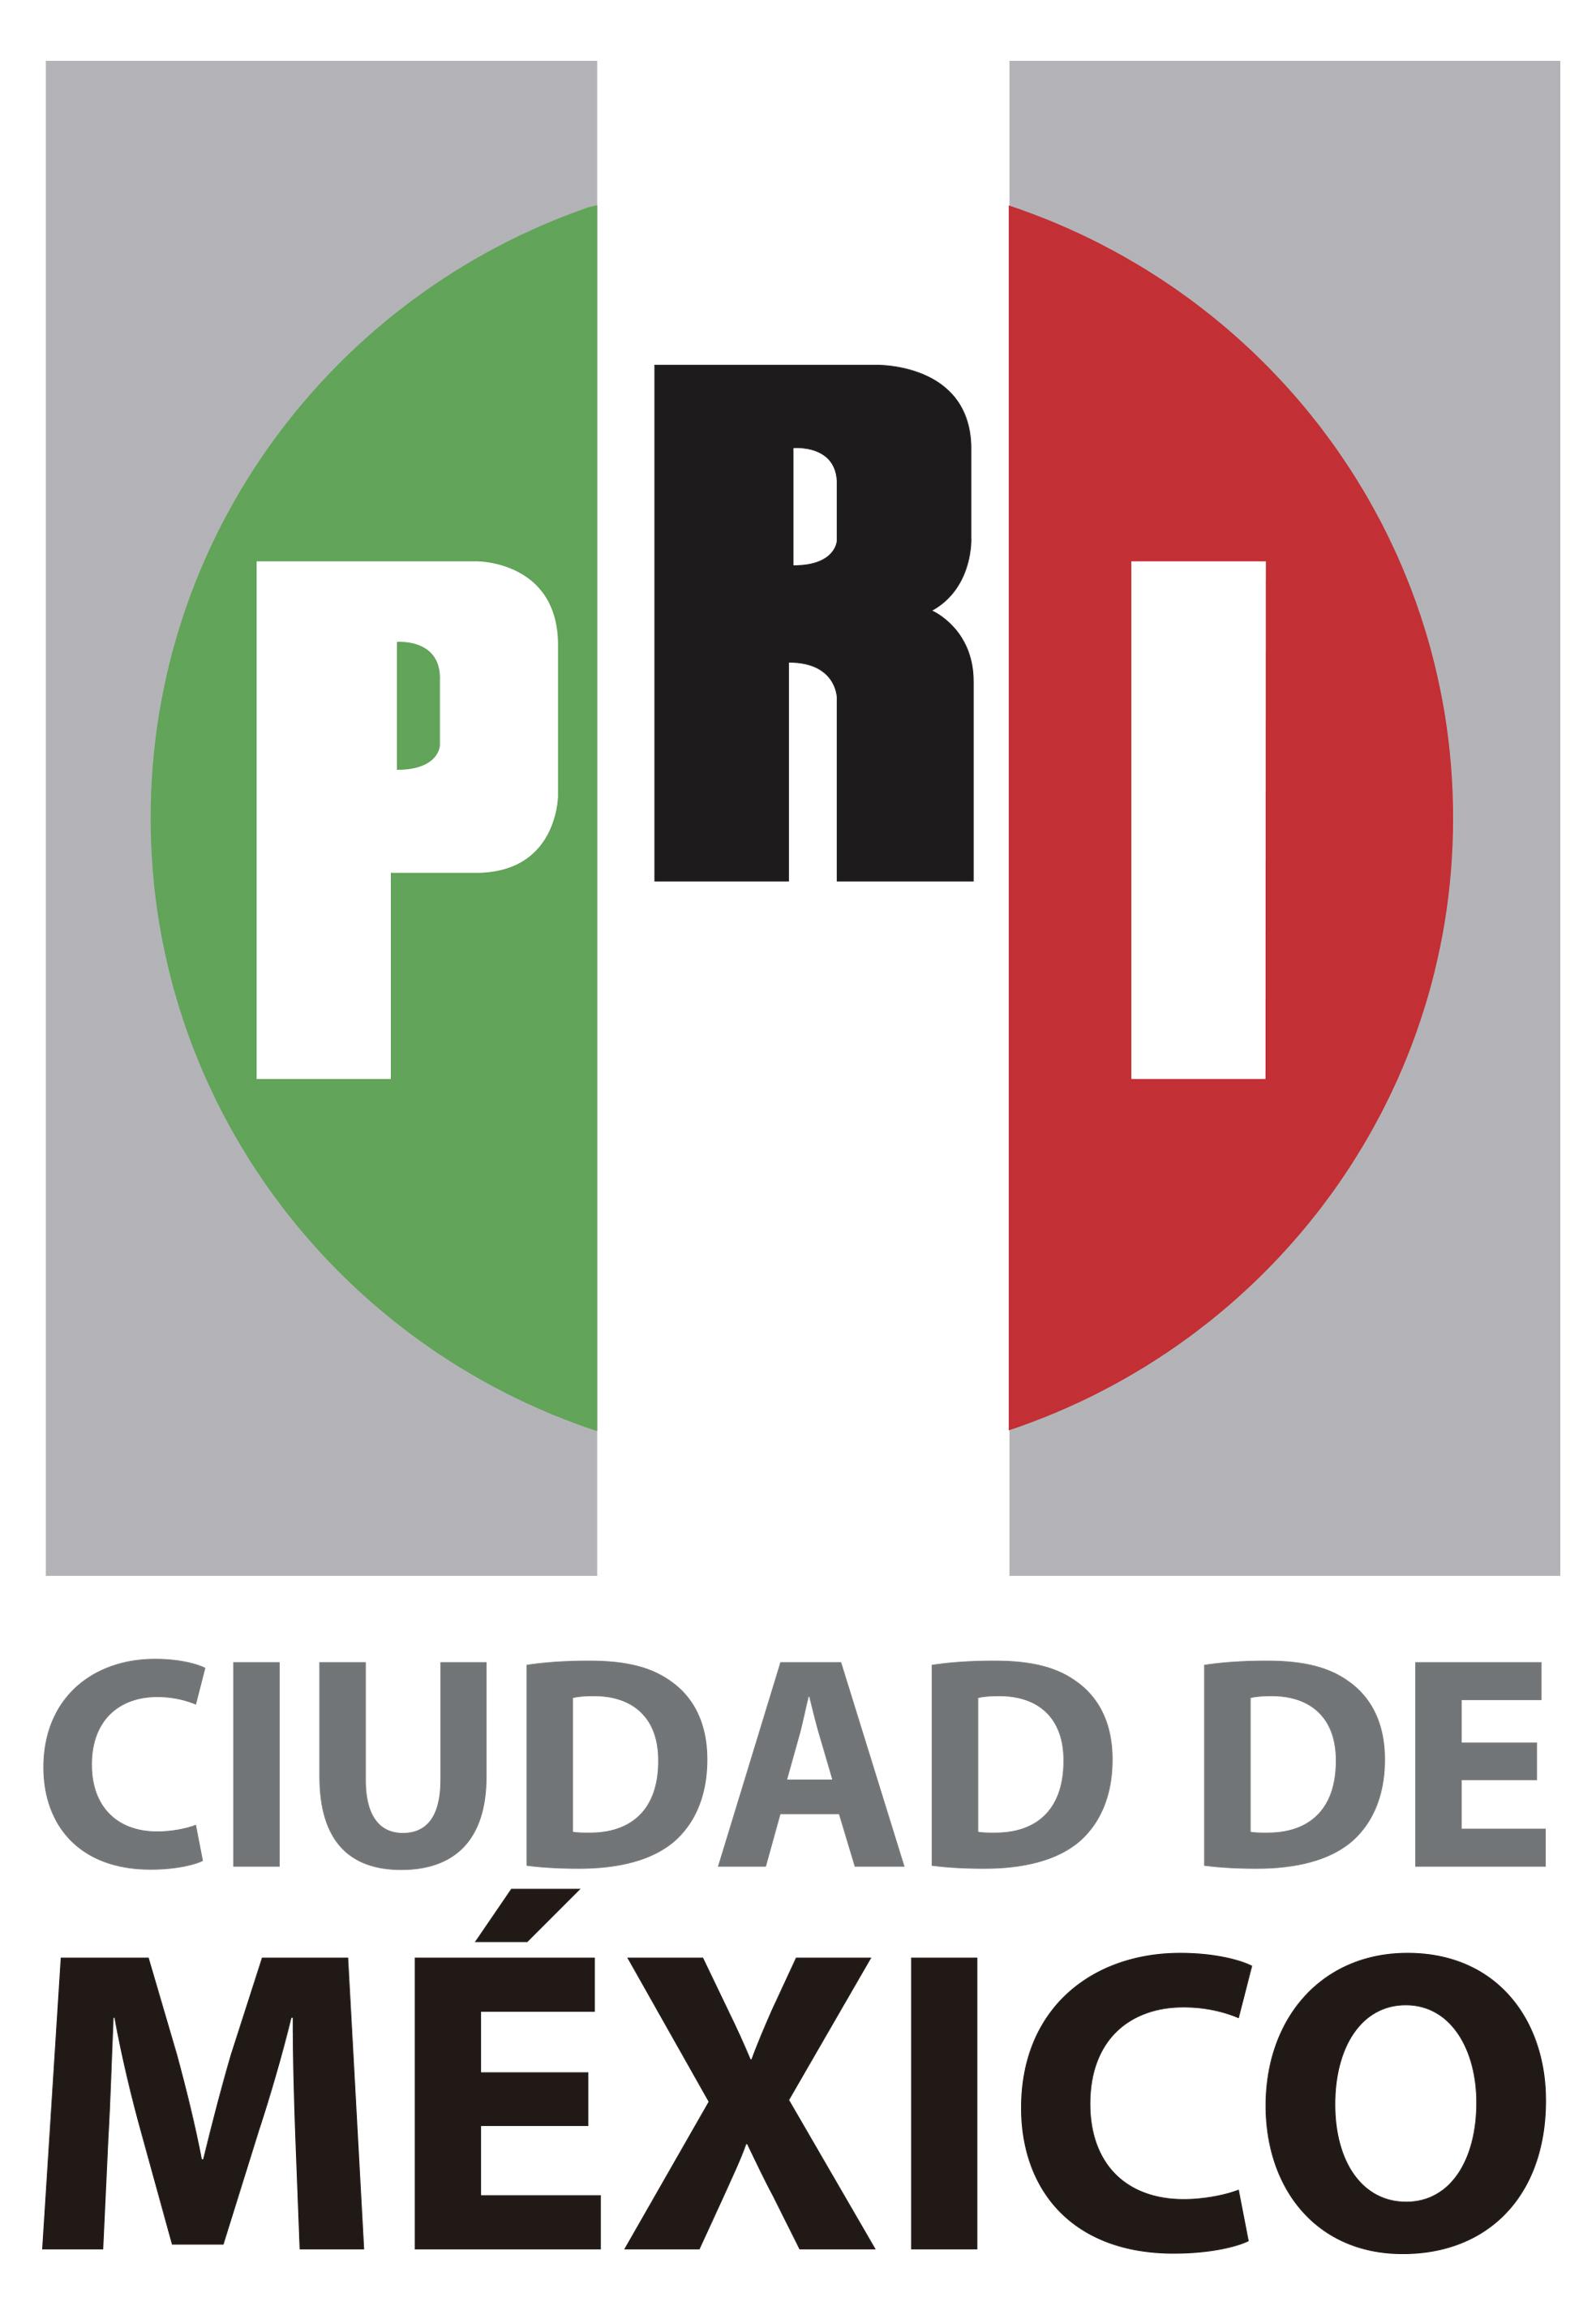 PRI CDMX INICIA PROCESO DE EXPULSIÓN DE FERNANDO MERCADO GUAIDA